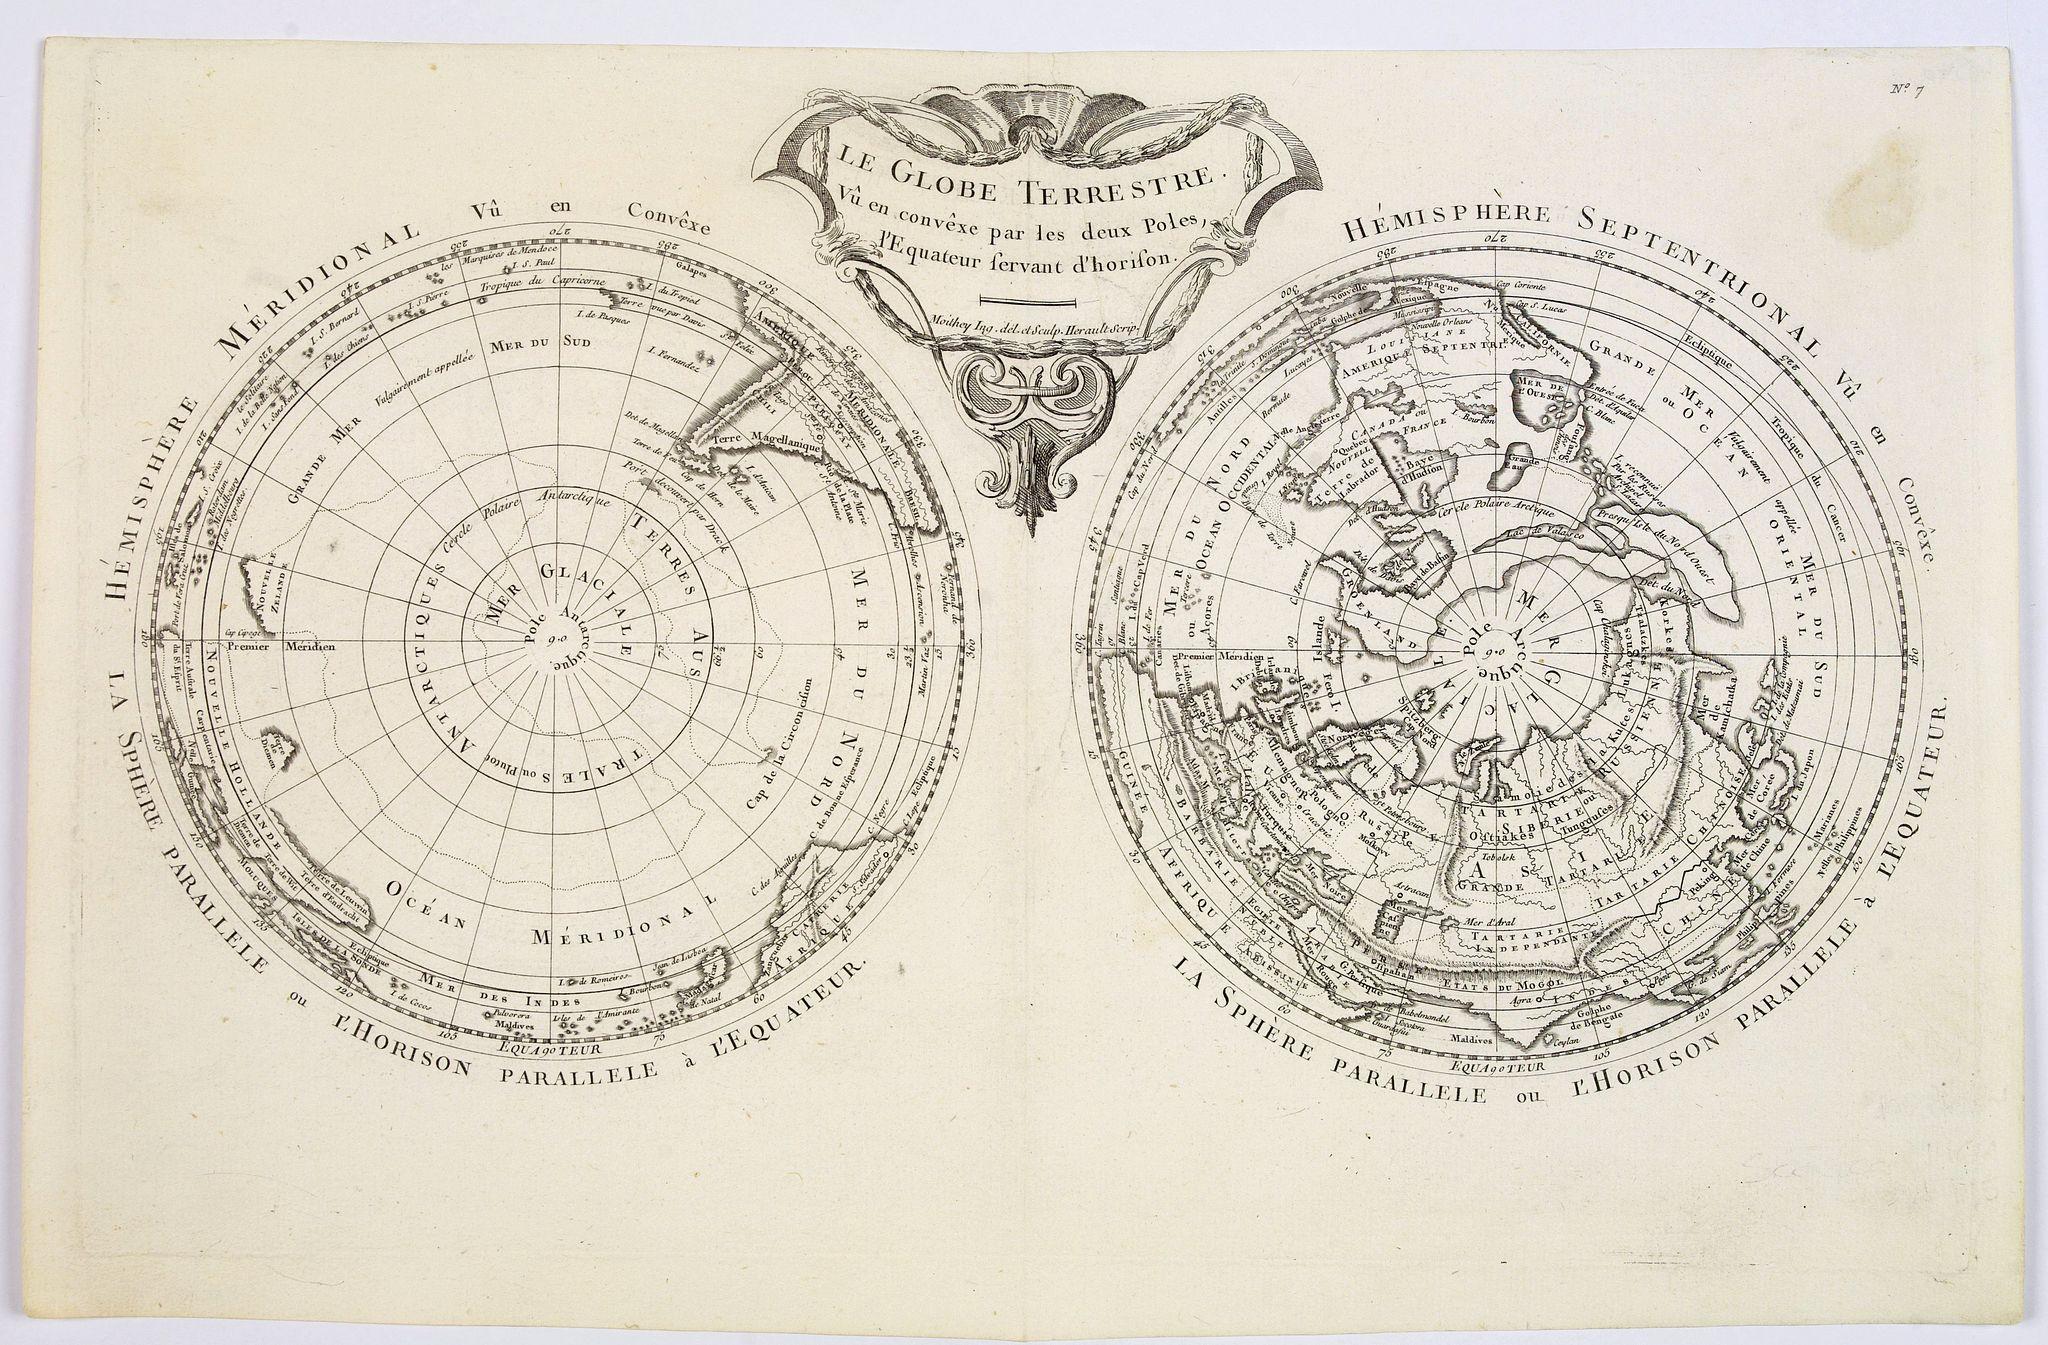 MOITHEY, M.A. - Le Globe Terrestre vu en convexe par les deux Poles, l'Equateur servant d'horison.